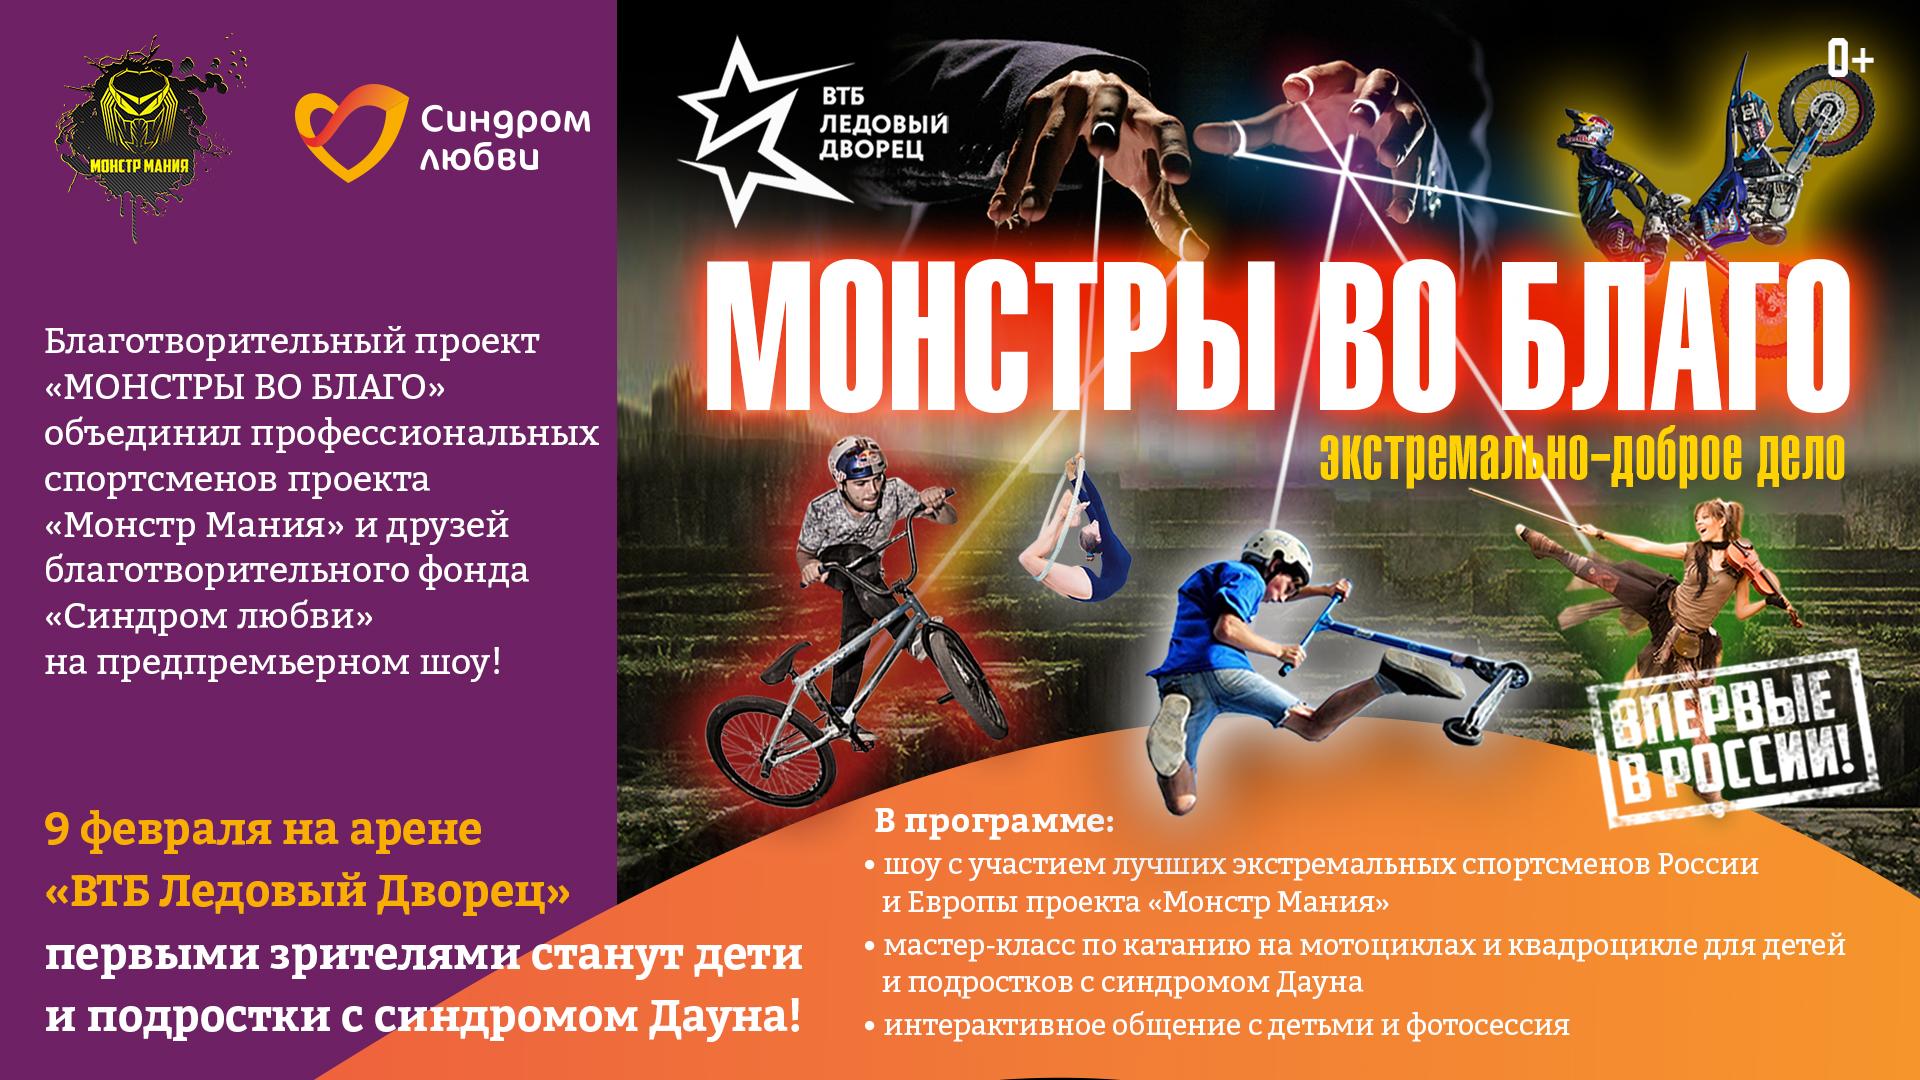 9 февраля на арене ВТБ «Ледовый Дворец» пройдет закрытый благотворительный мастер-класс «Монстры во благо»